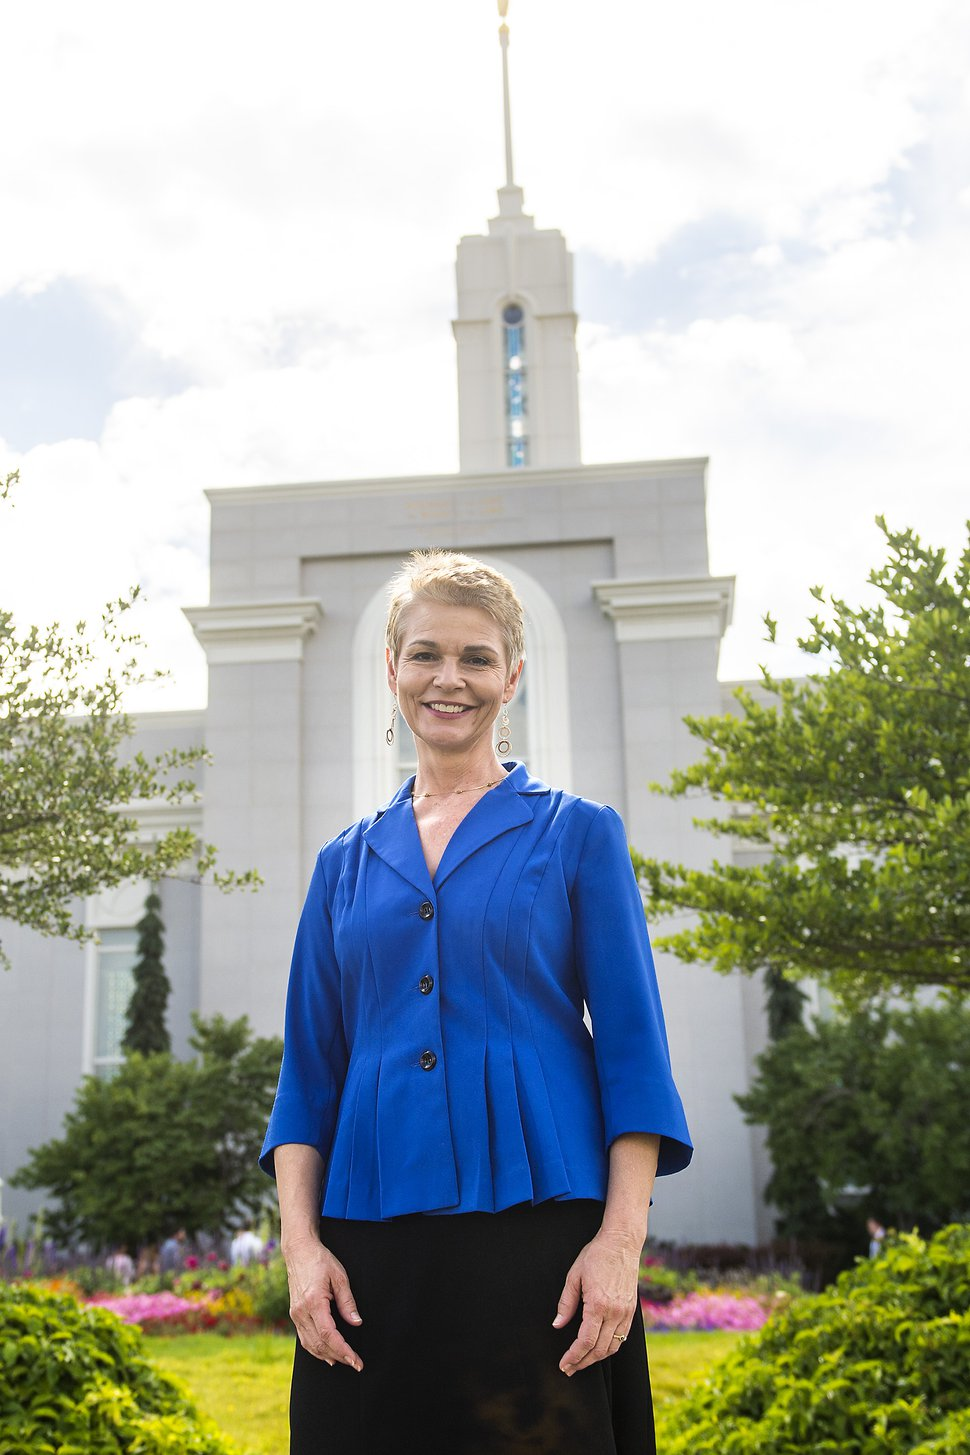 Chris Detrick | The Salt Lake Tribune Mormon Women for Ethical Government founder Sharlee Mullins Glenn poses for a portrait outside of the Mount Timpanogos Utah Temple Thursday, July 20, 2017.